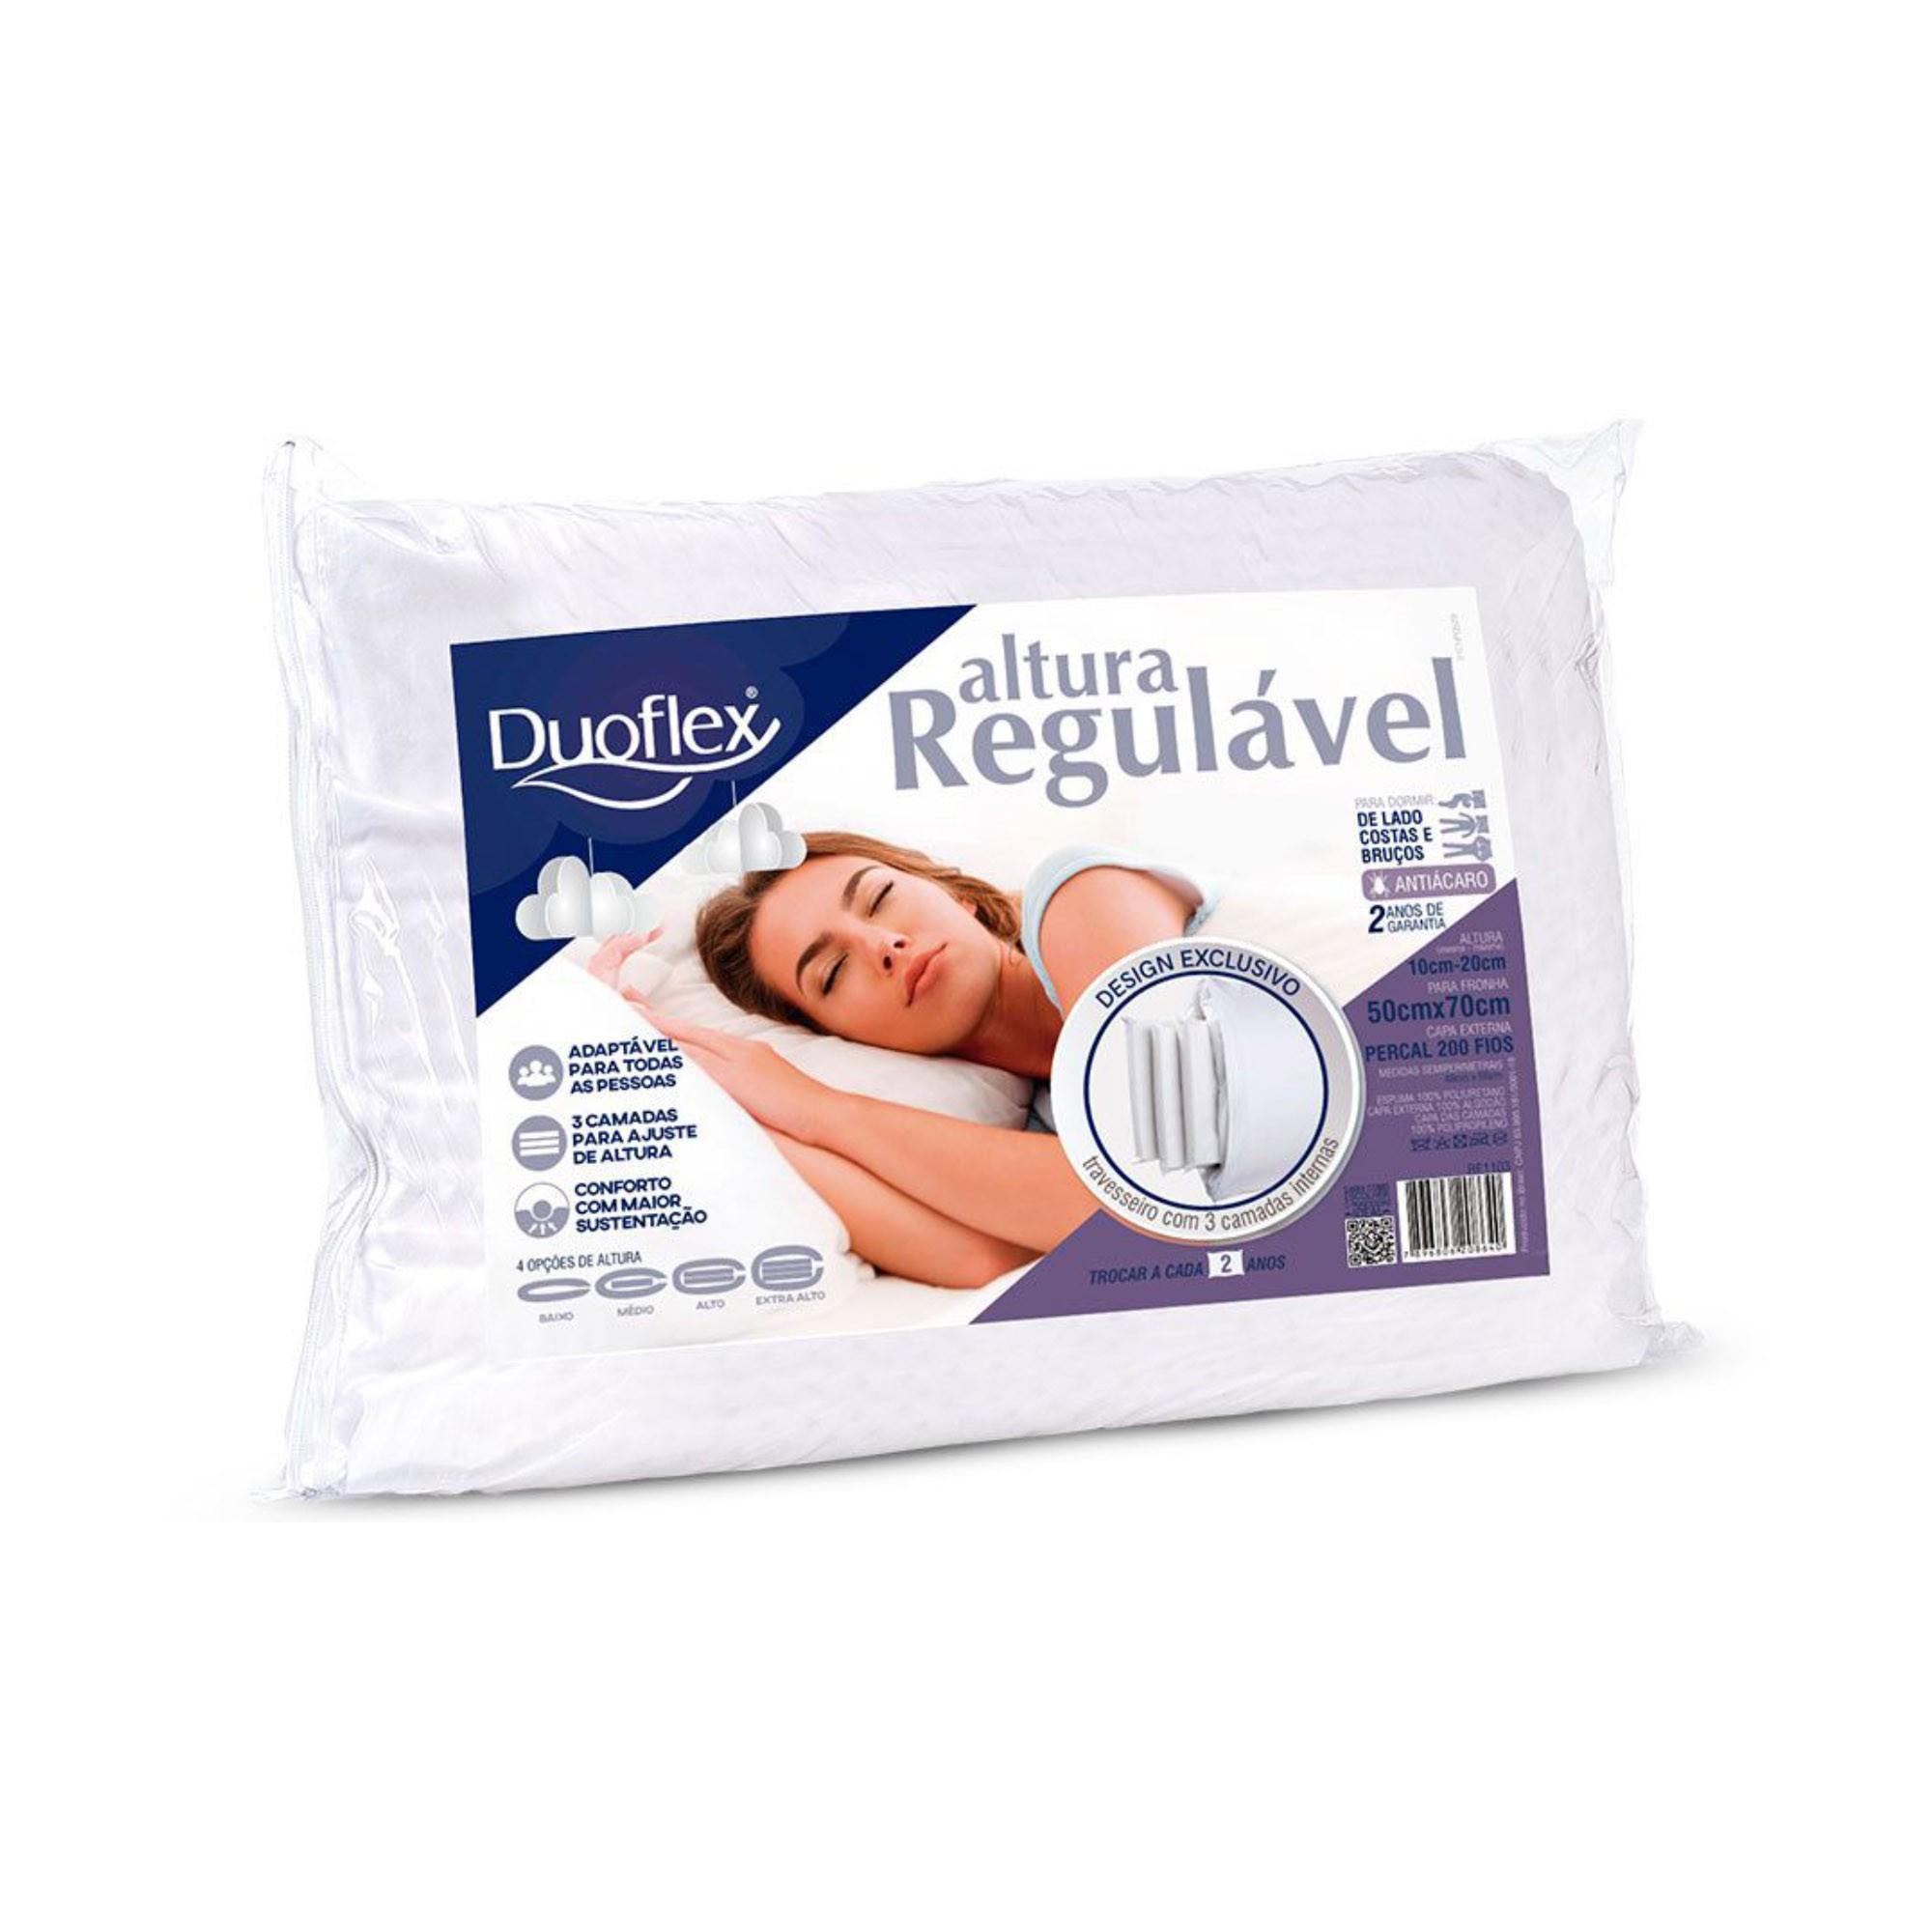 Travesseiro Duoflex Altura Regulável, com 04 opções de altura, 050 x 070 cm